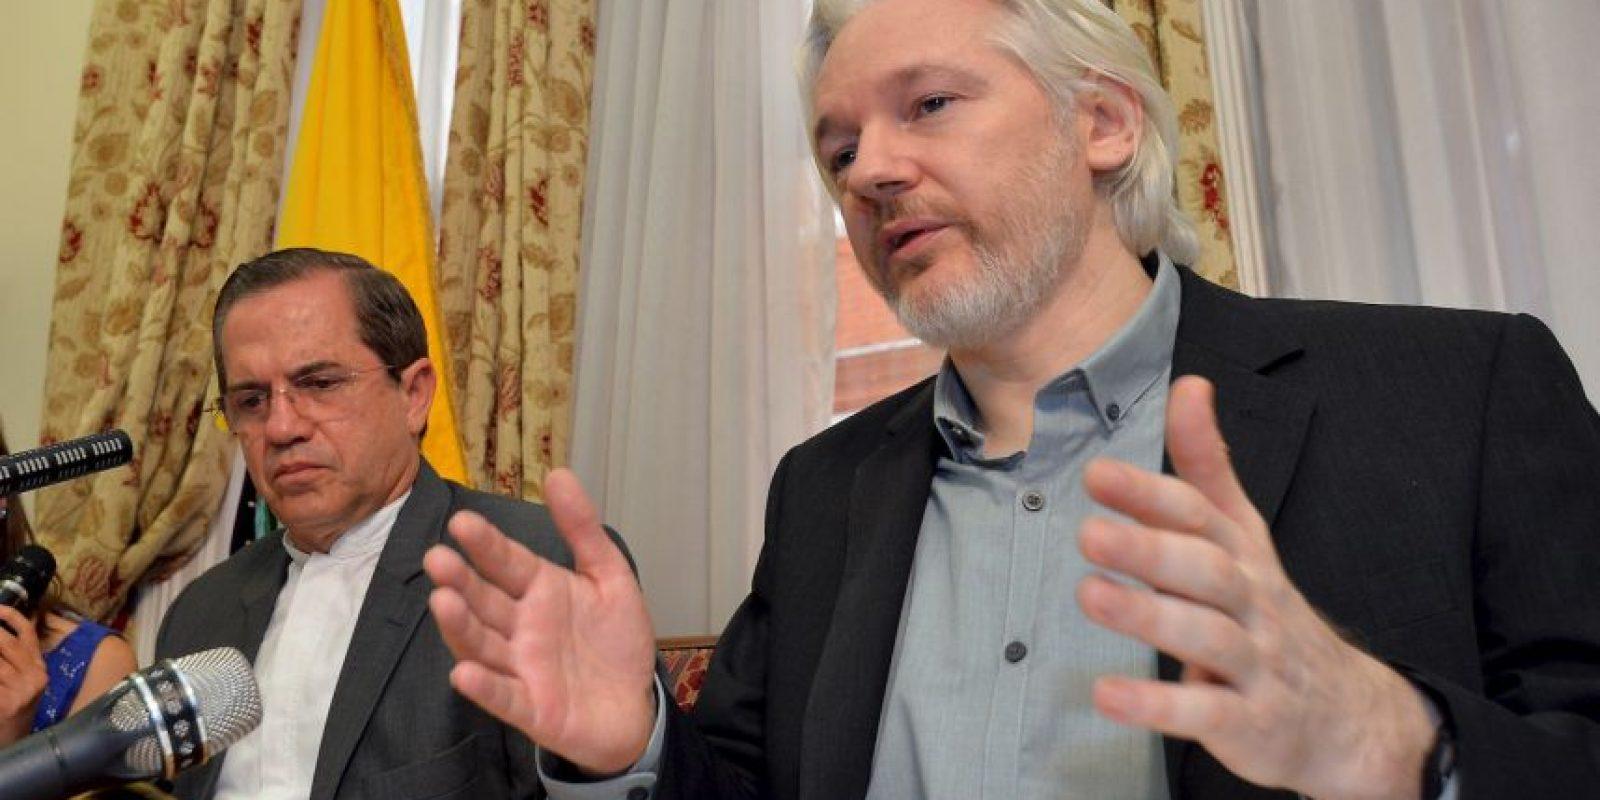 """Al respecto, Julian Assange informó: """"Los lectores pueden esperar otras revelaciones específicas e importantes"""". Foto:Getty Images"""